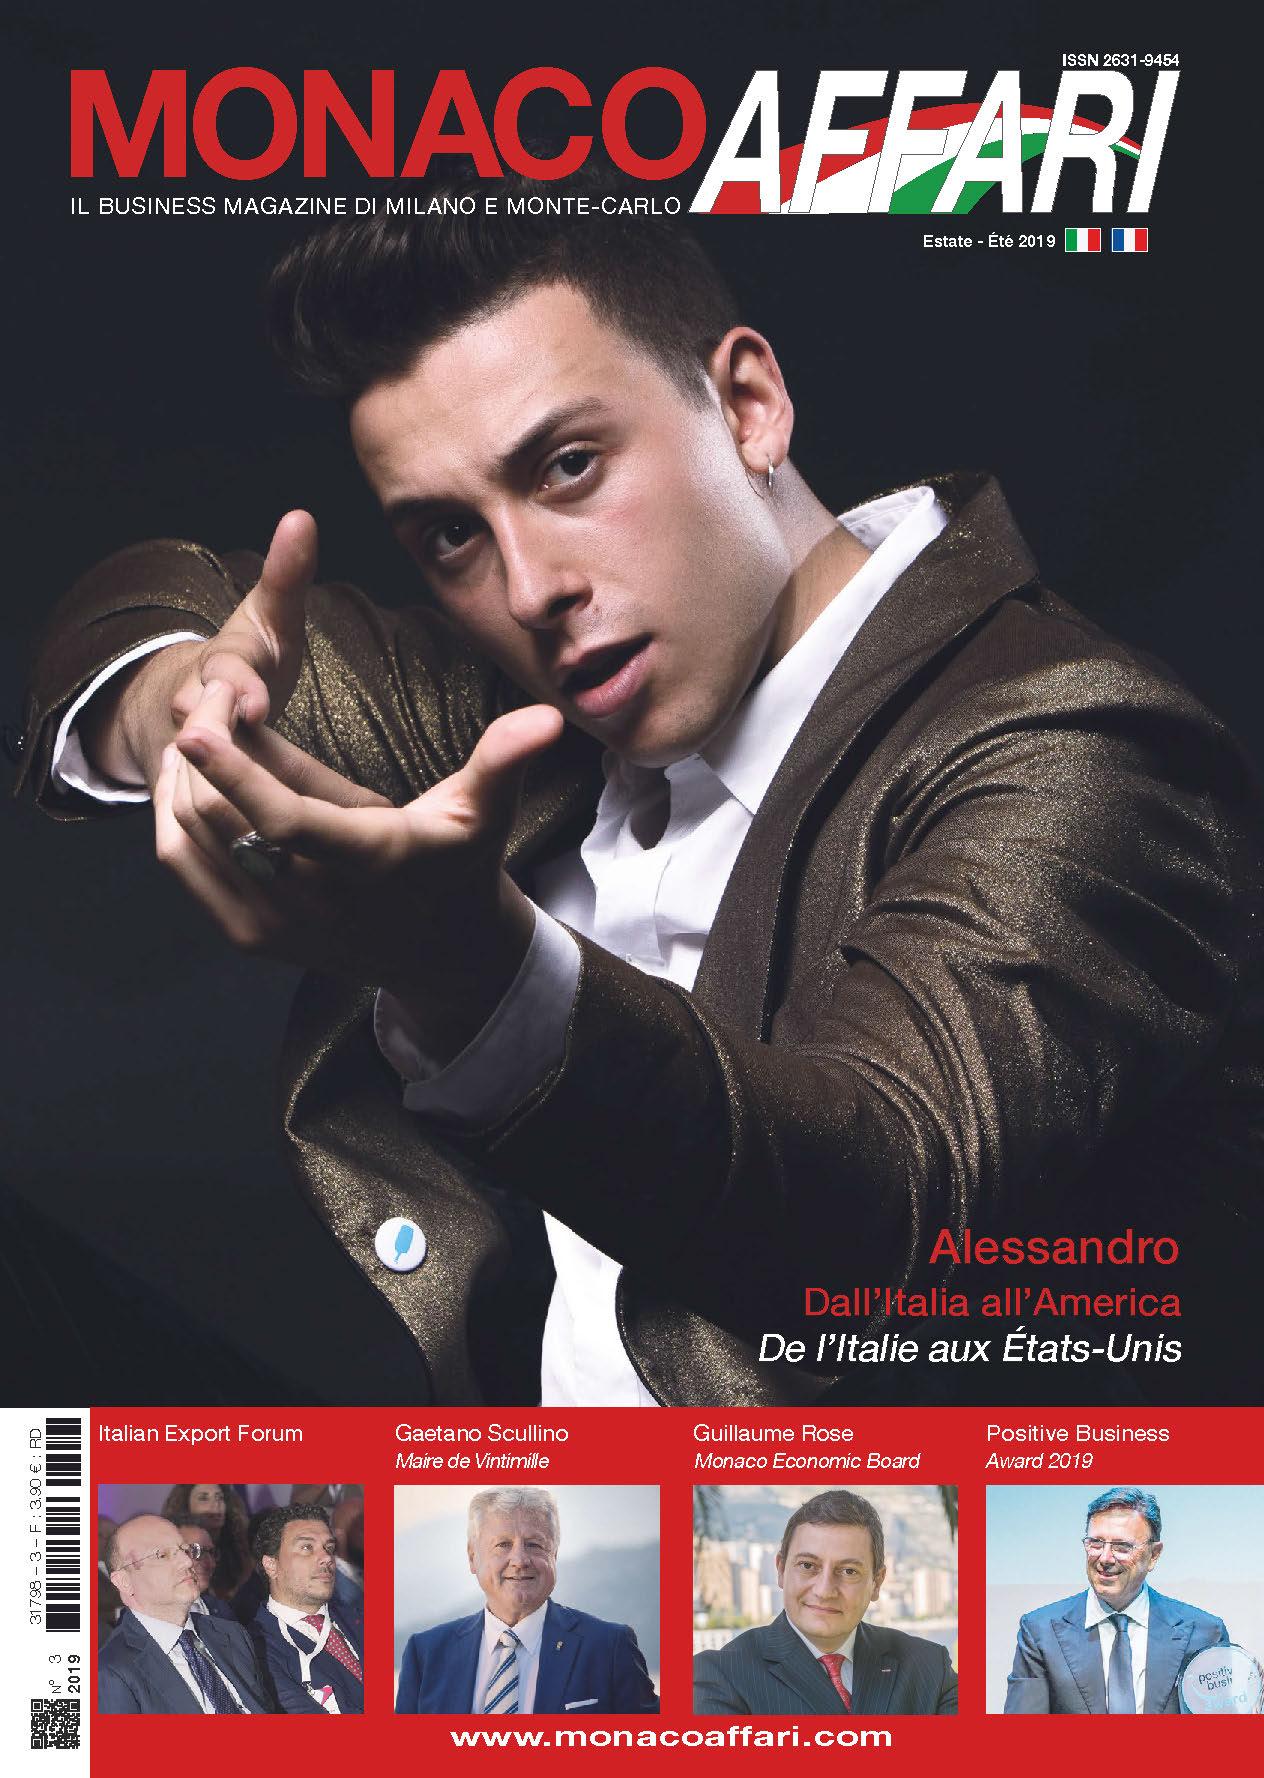 Sfoglia il magazine online